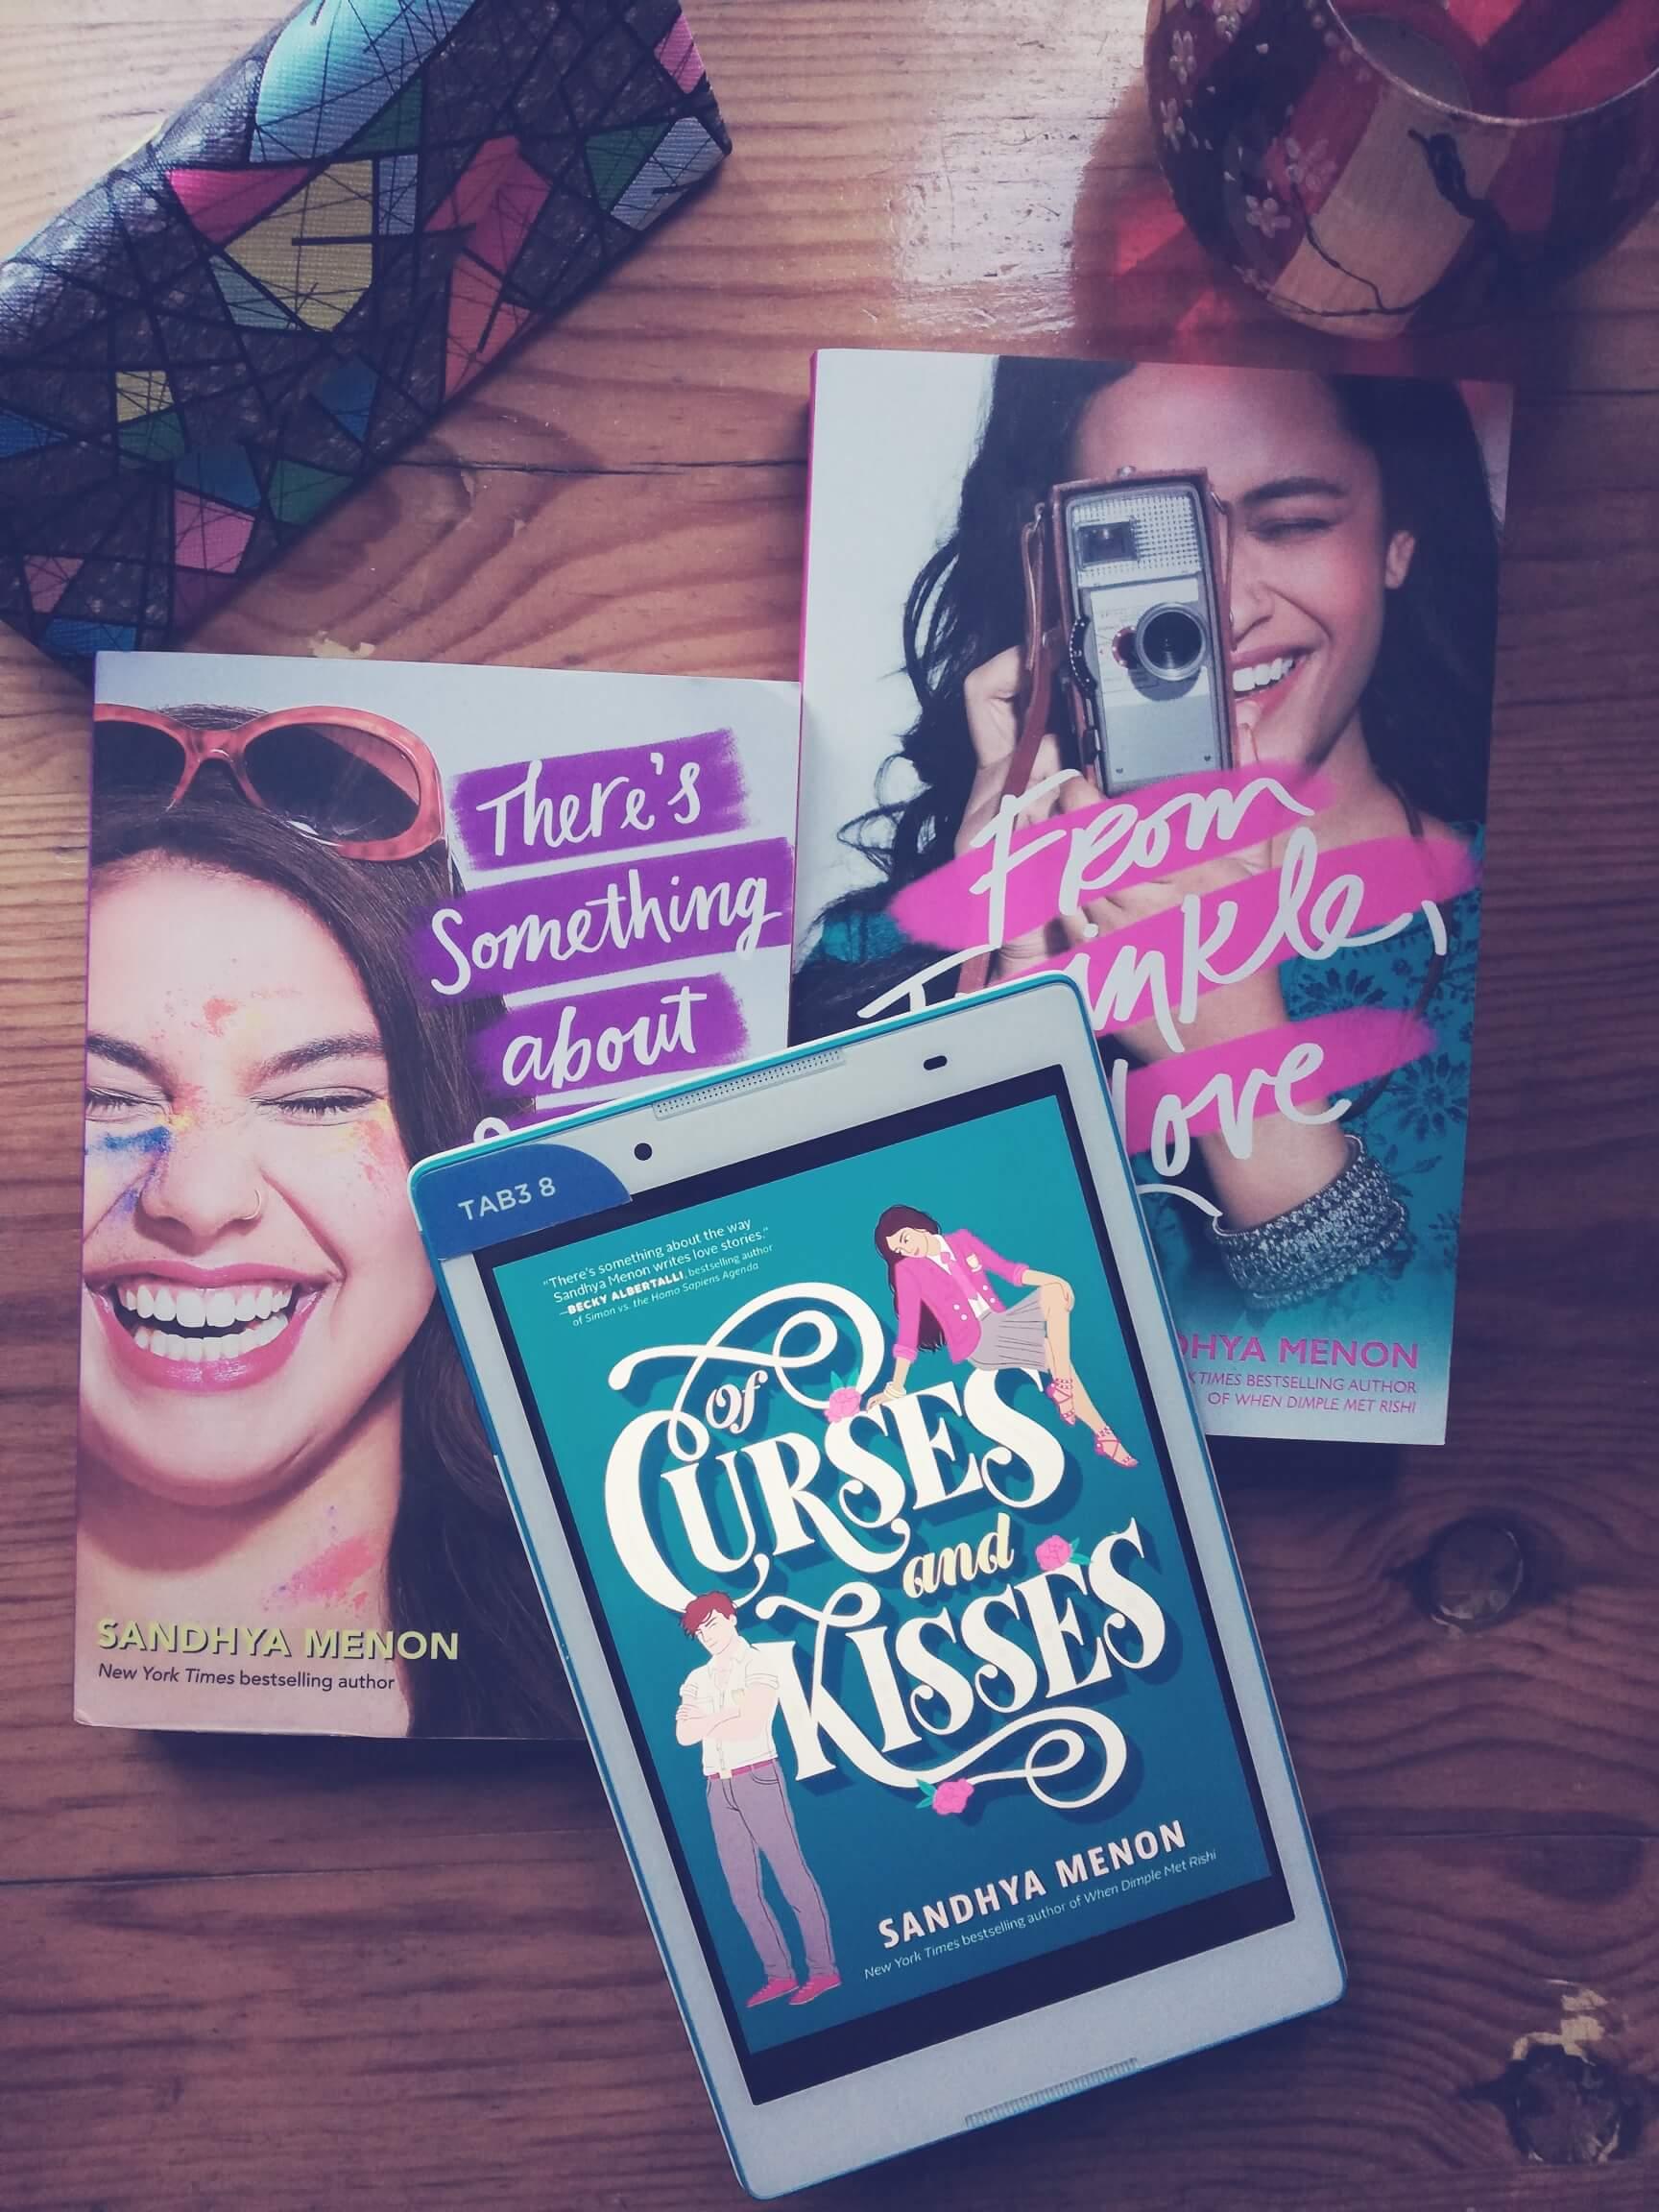 Blog Tour: Of Curses and Kisses на Сандия Менън